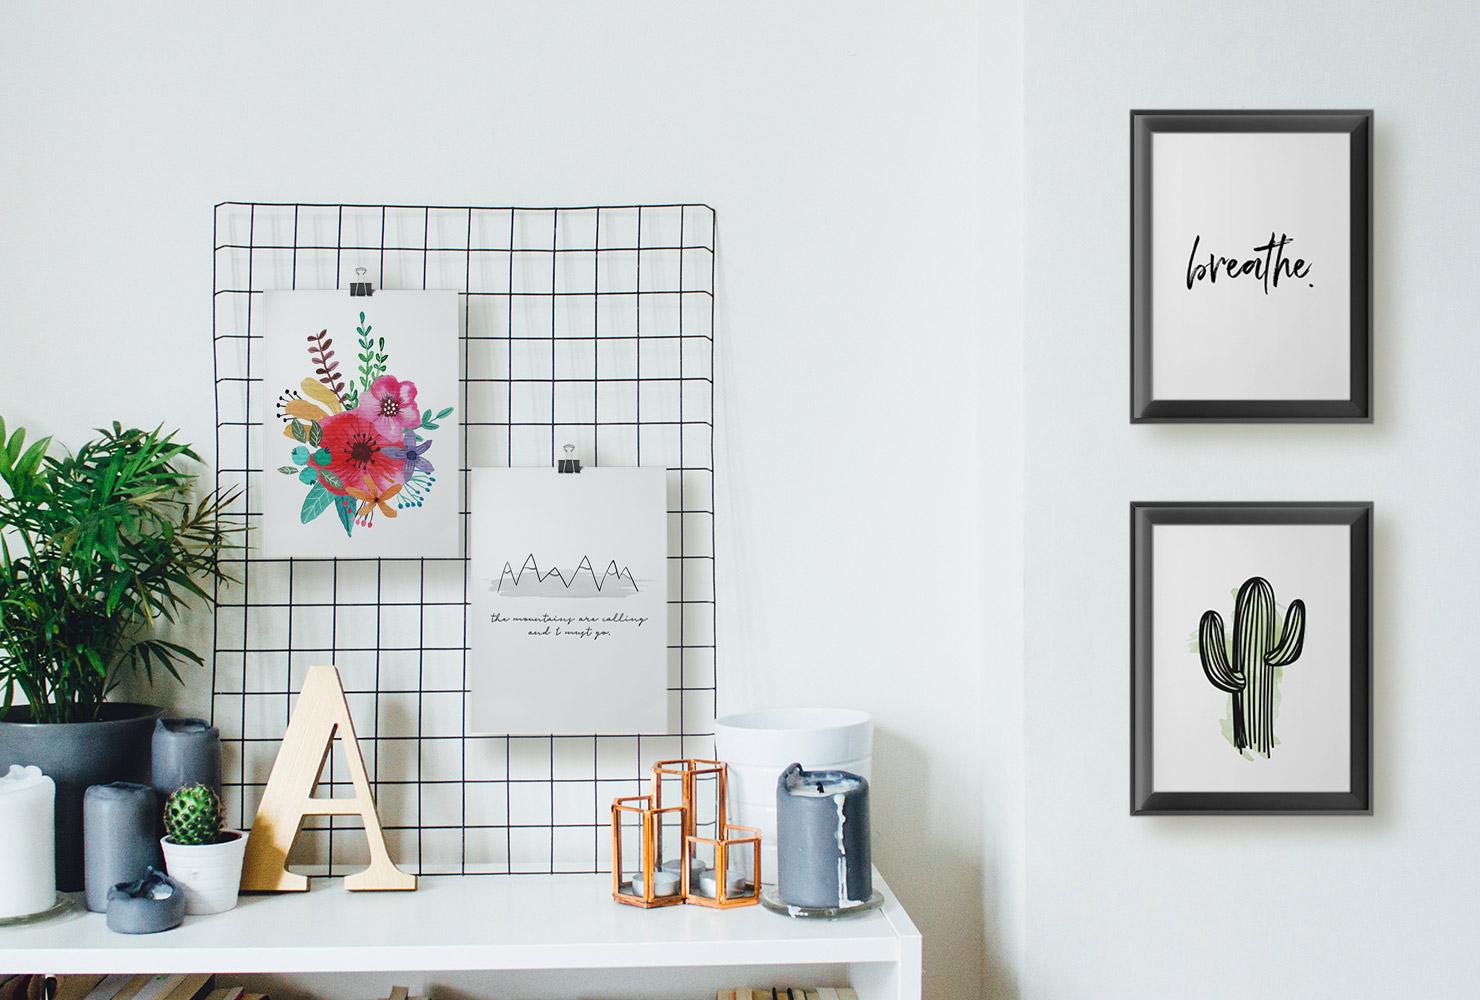 25 Unique DIY Wall Art Ideas (With Printables)